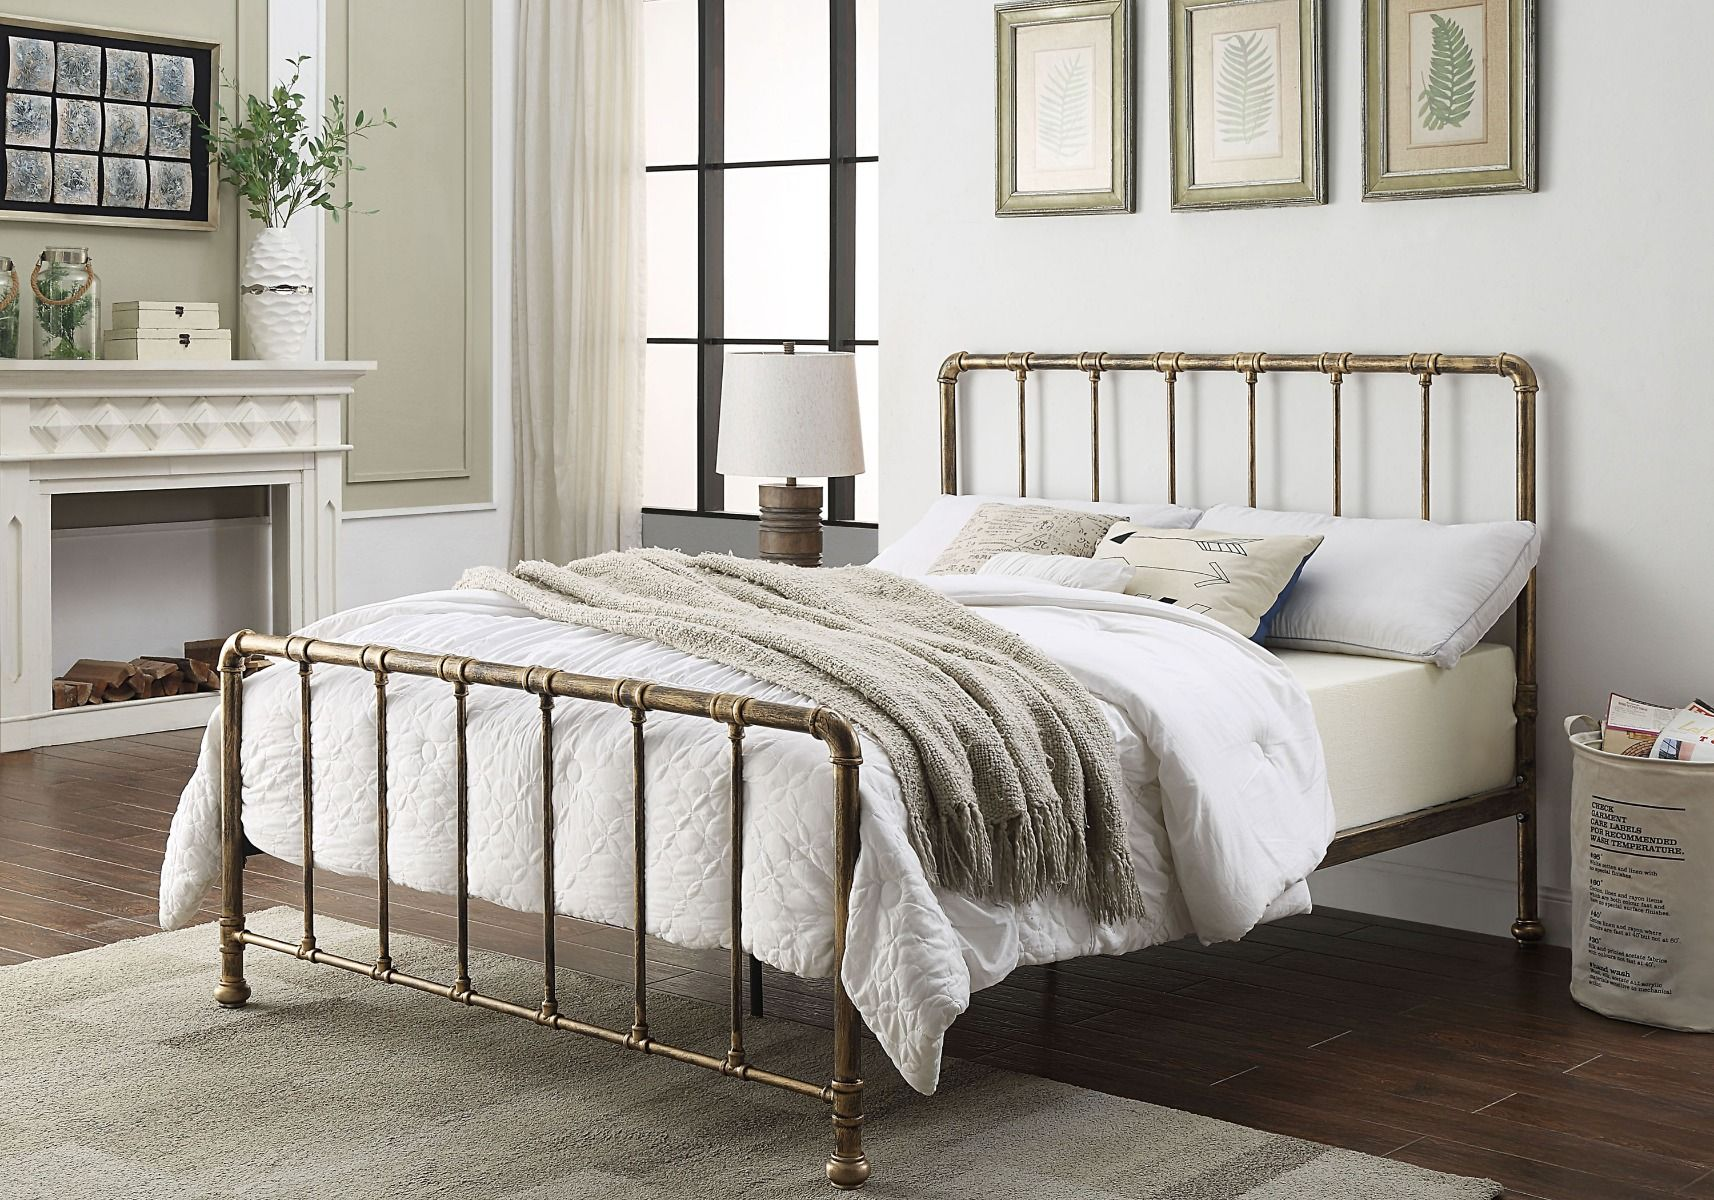 Flintshire Furniture Kinnerton Antique Bronze Metal Bed Frame